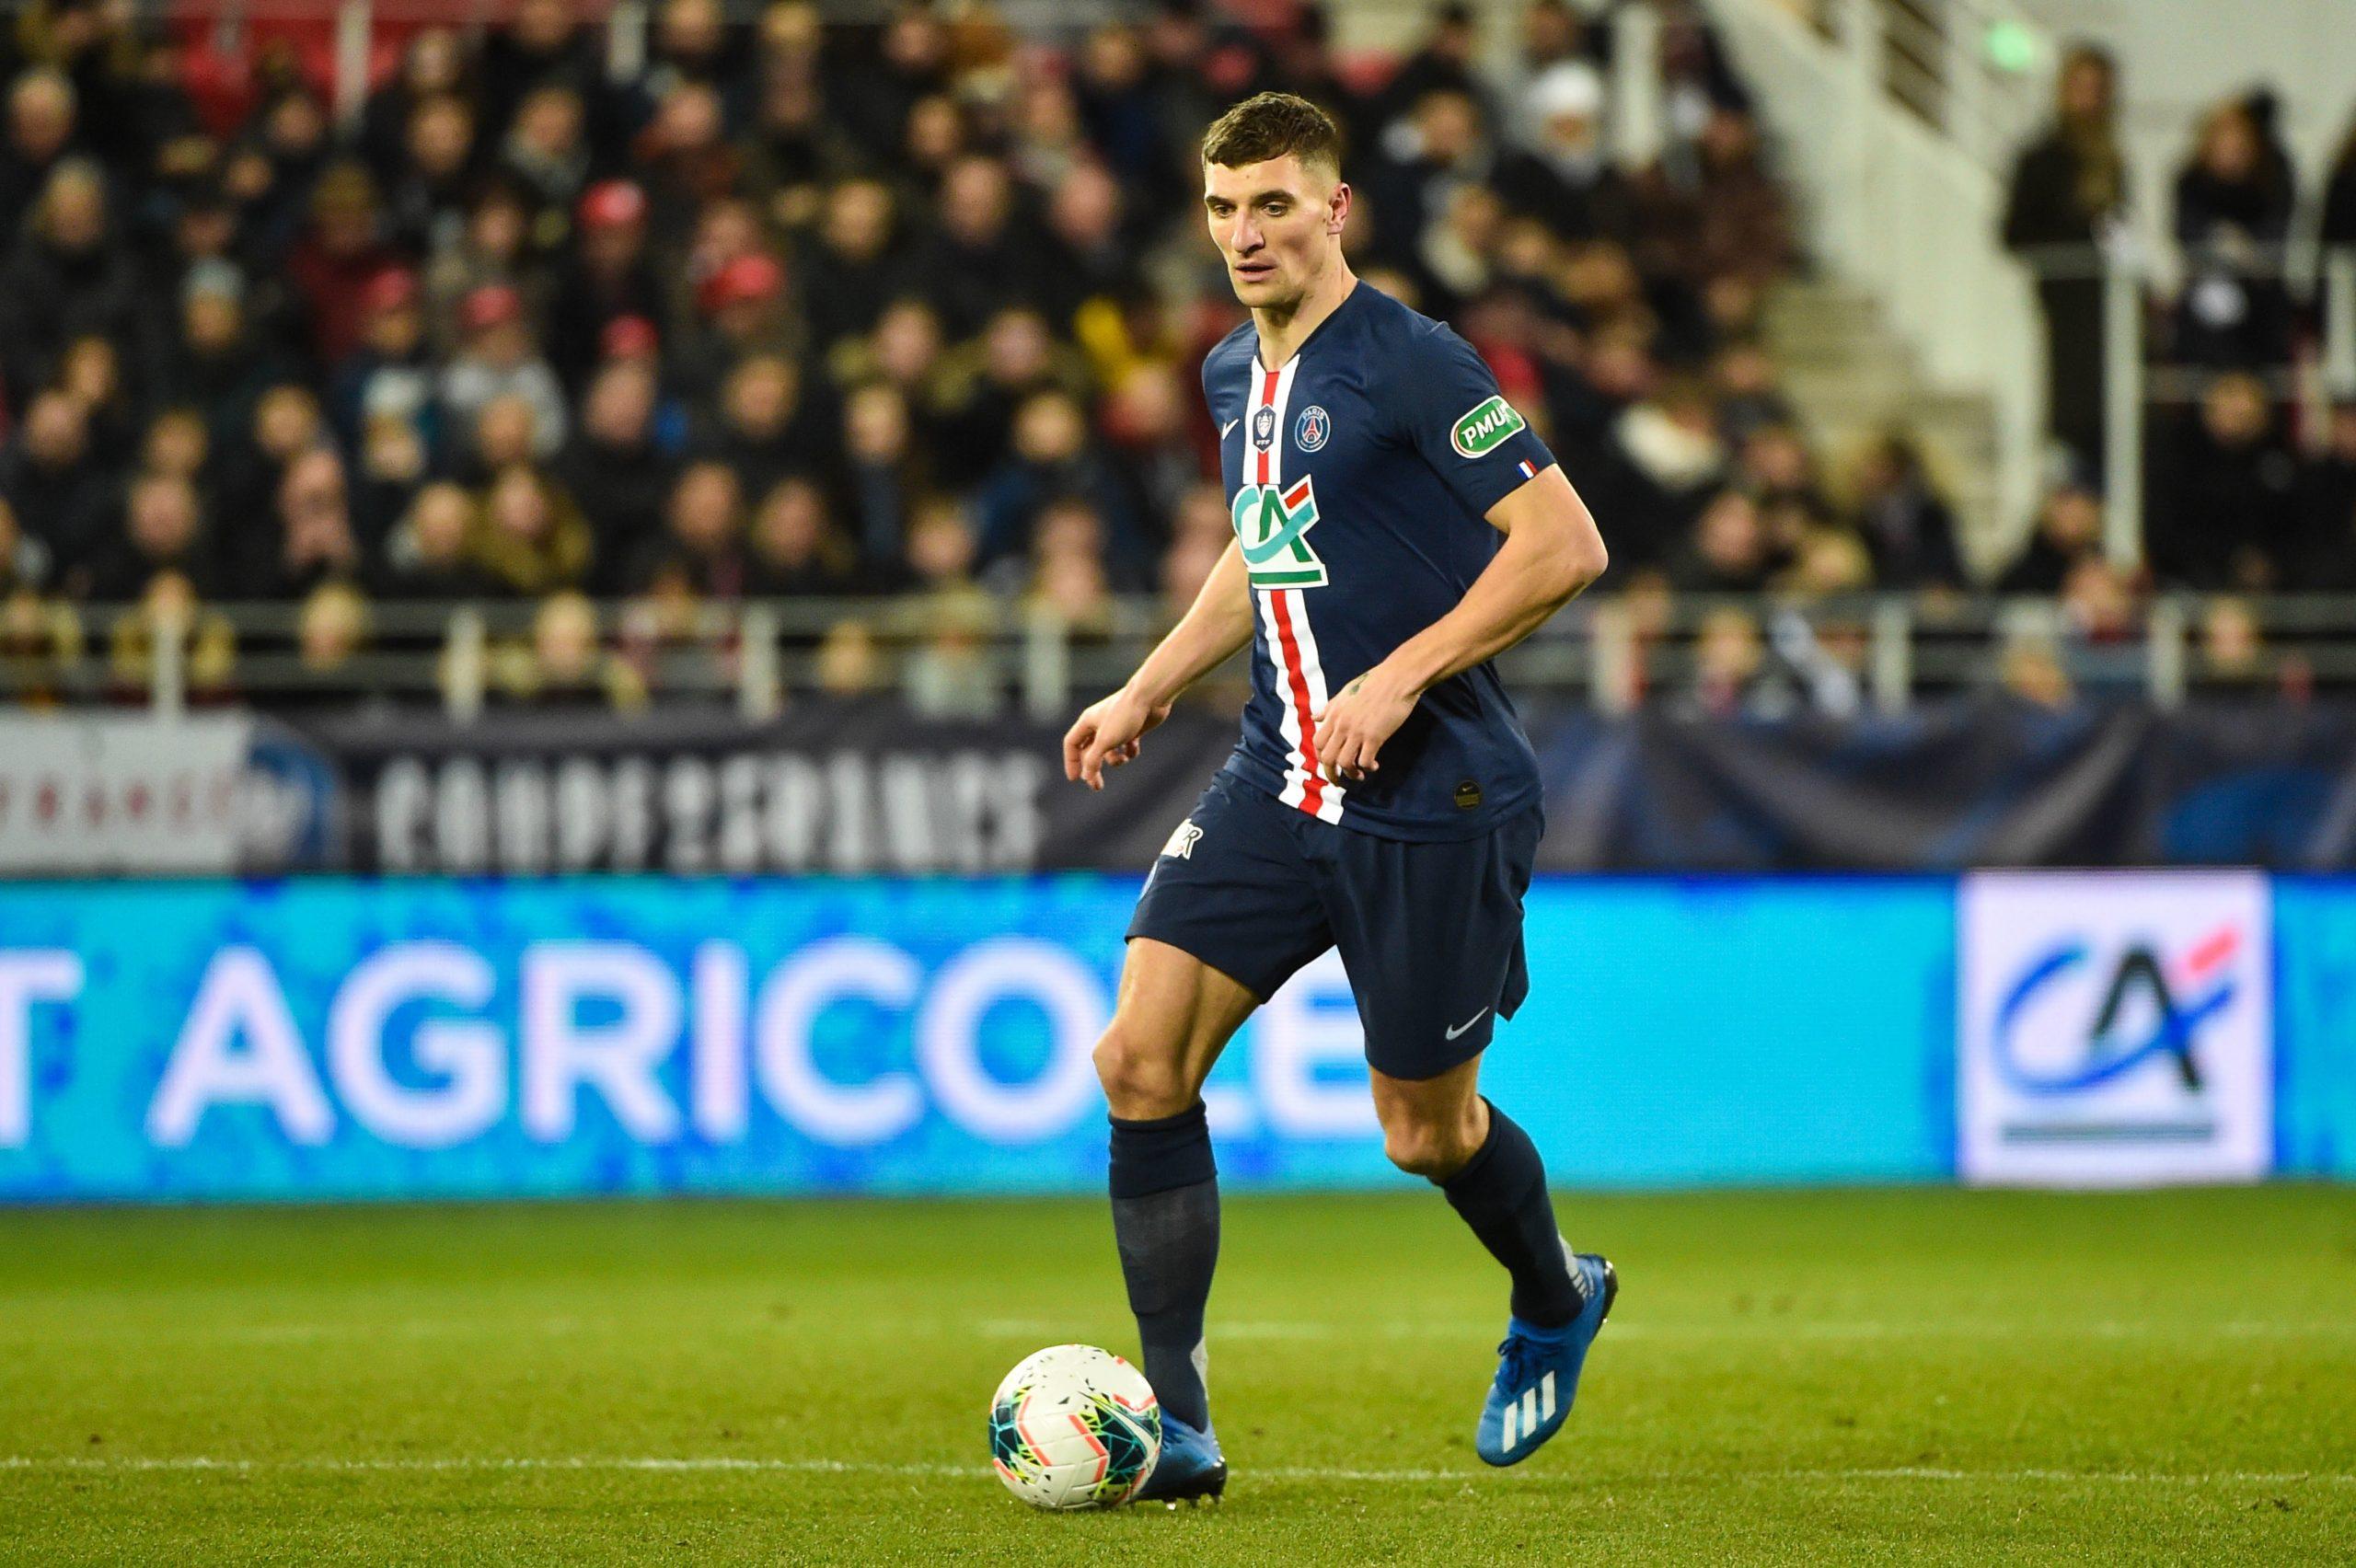 """Tarrago est pour le prêt de Meunier au PSG afin de finir la saison """"ce serait fantastique"""""""